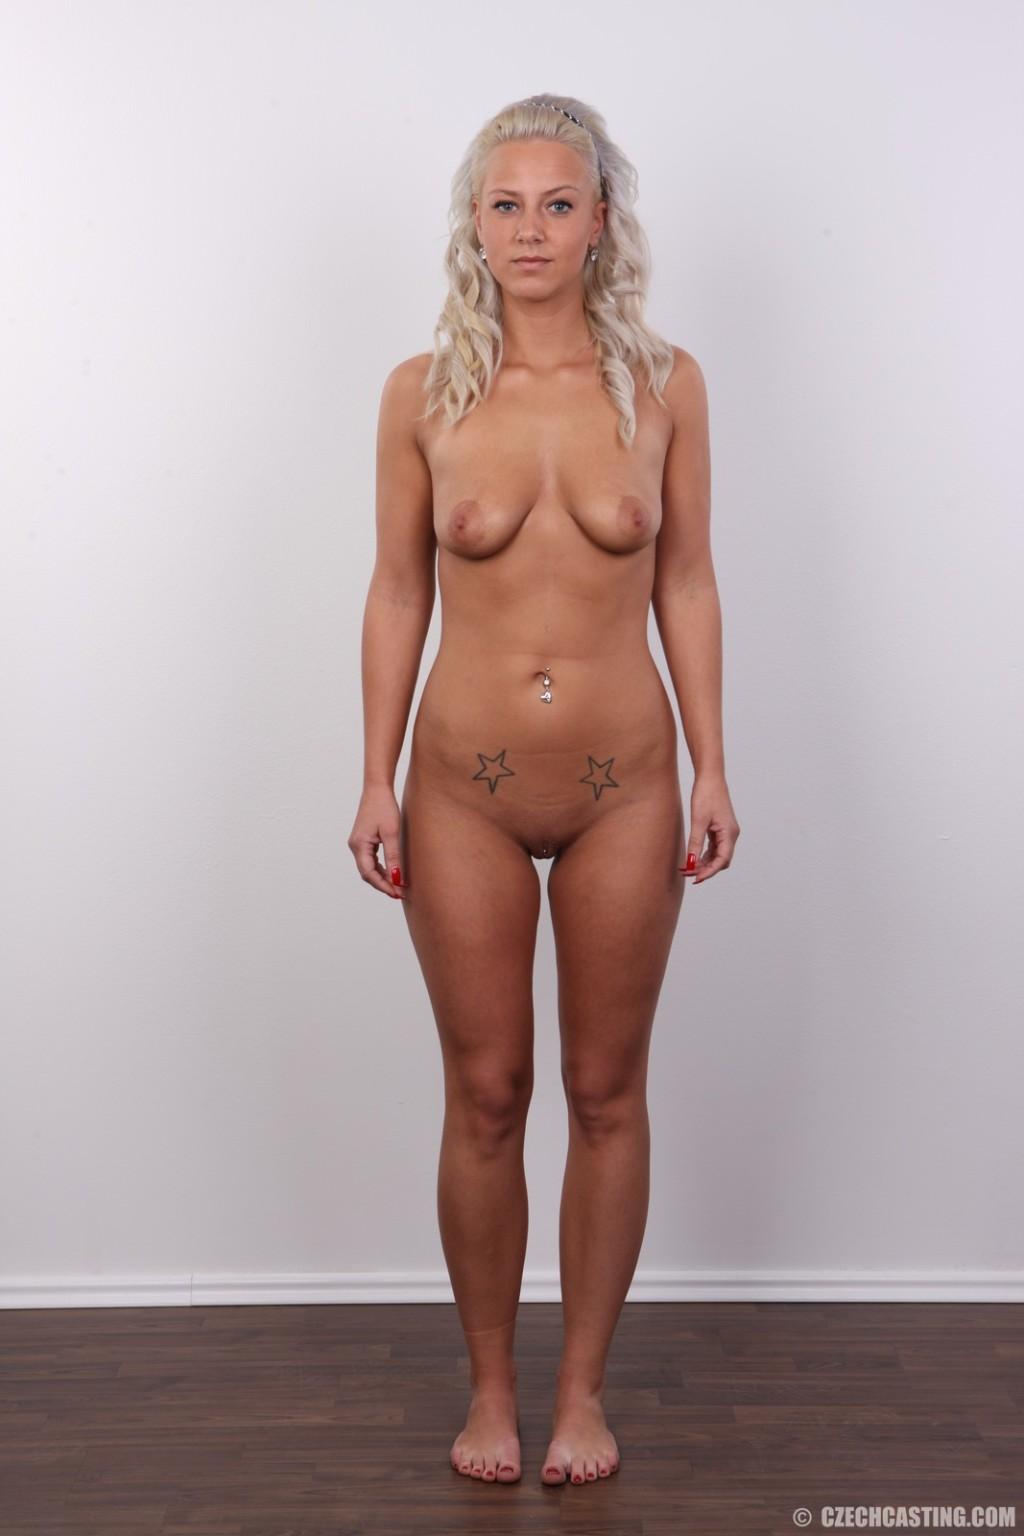 На чешском кастинге сексуальная телка снимает с себя все лишнее и остается обнажена